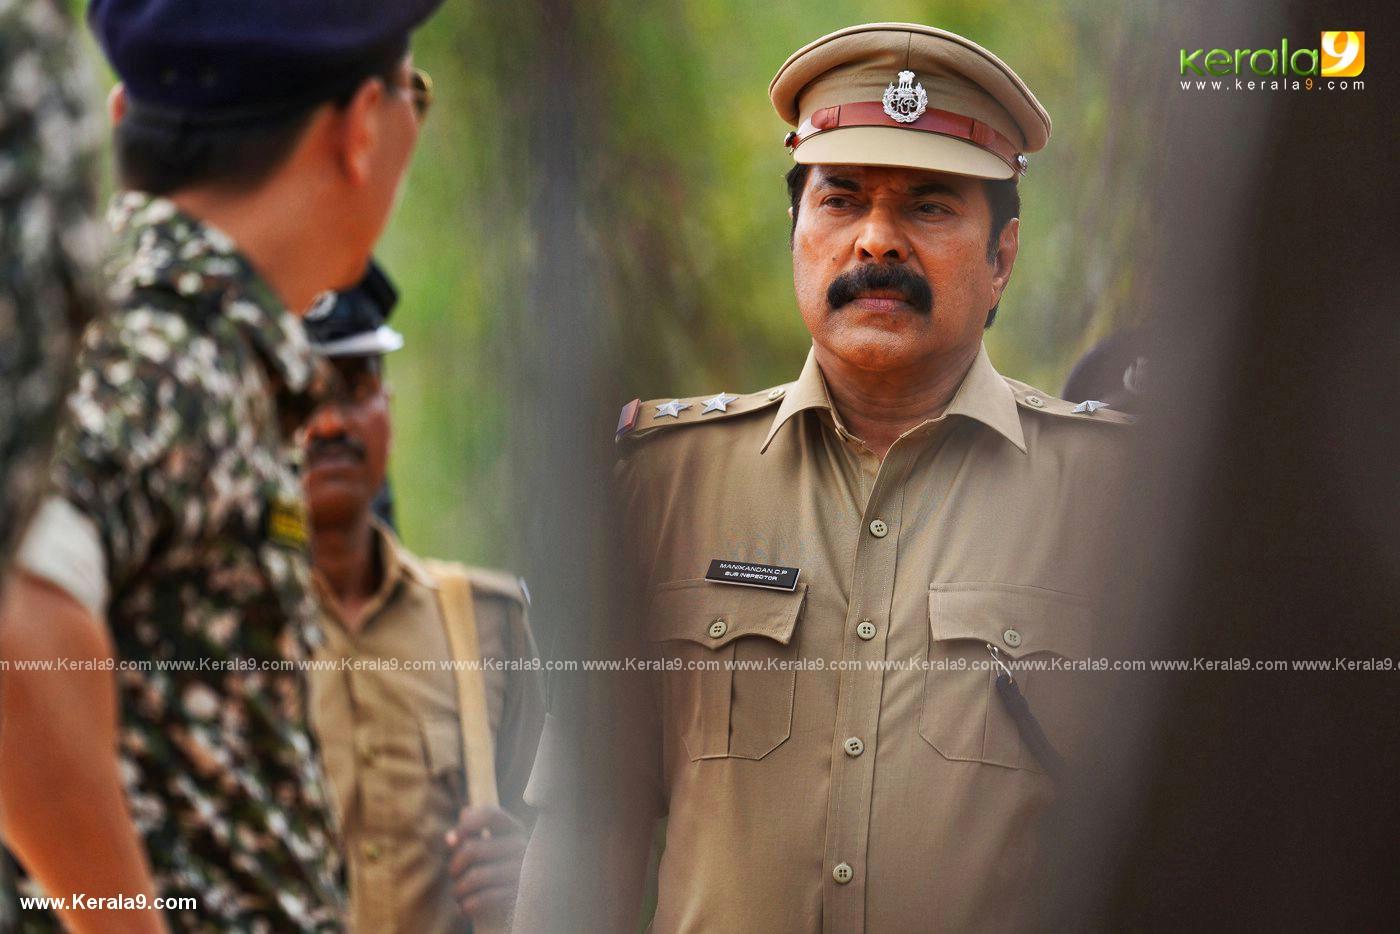 unda malayalam movie stills 013 - Kerala9.com